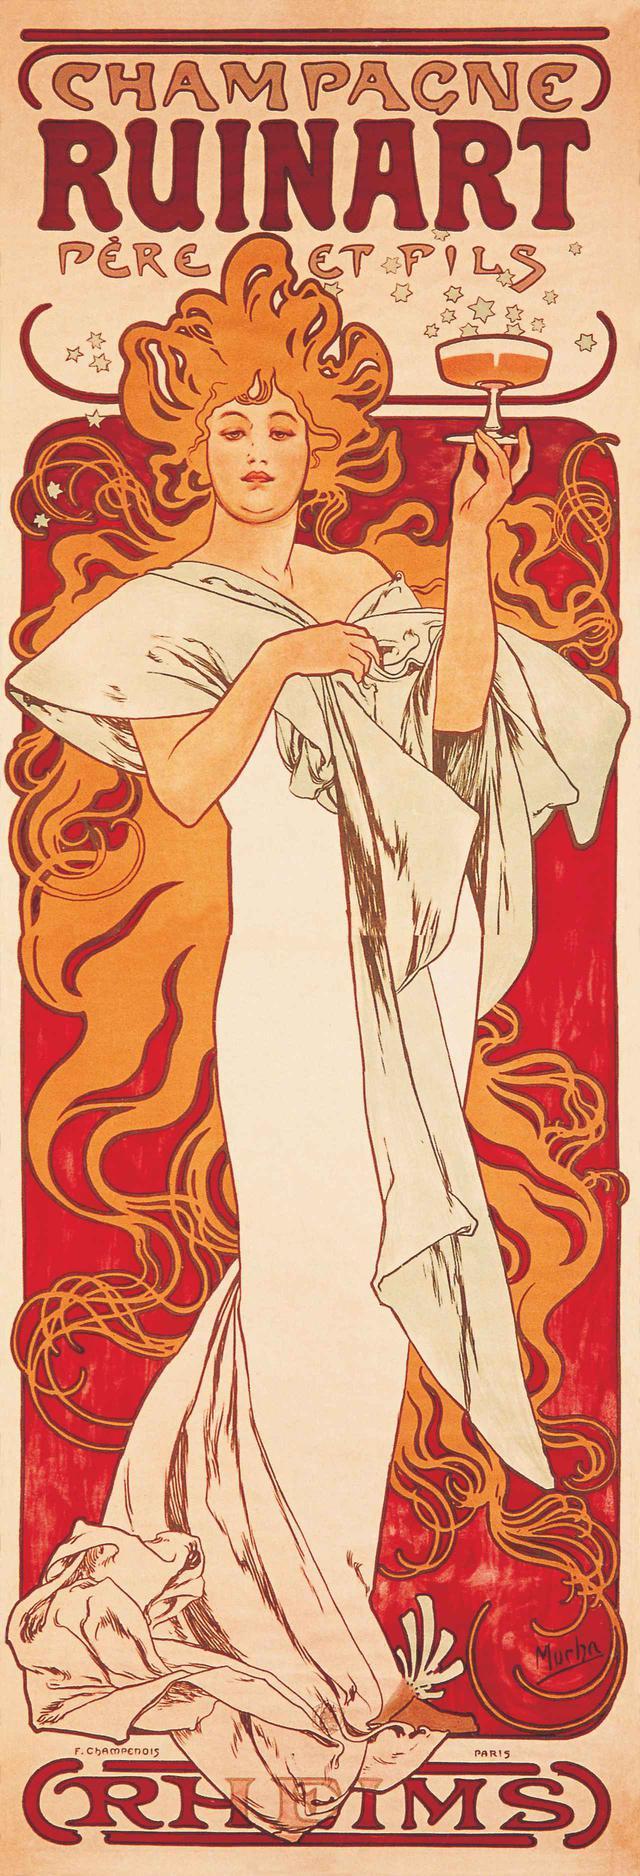 画像: 「ルイナール」では自らの伝統、歴史、卓越性を広めていくコミュニケーションを芸術を通して行っており、その歴史はベル エポックの1896年に遡り、アール ヌーヴォーの旗手と謳われたアルフォンス ミュシャへ広告ポスターを依頼し、世間を魅了したことに始ま始まる。2000年以降はブランドの性 質や価値観を伝えるため、時代の先端を行くアーティストとのコラボレーションを毎年実施